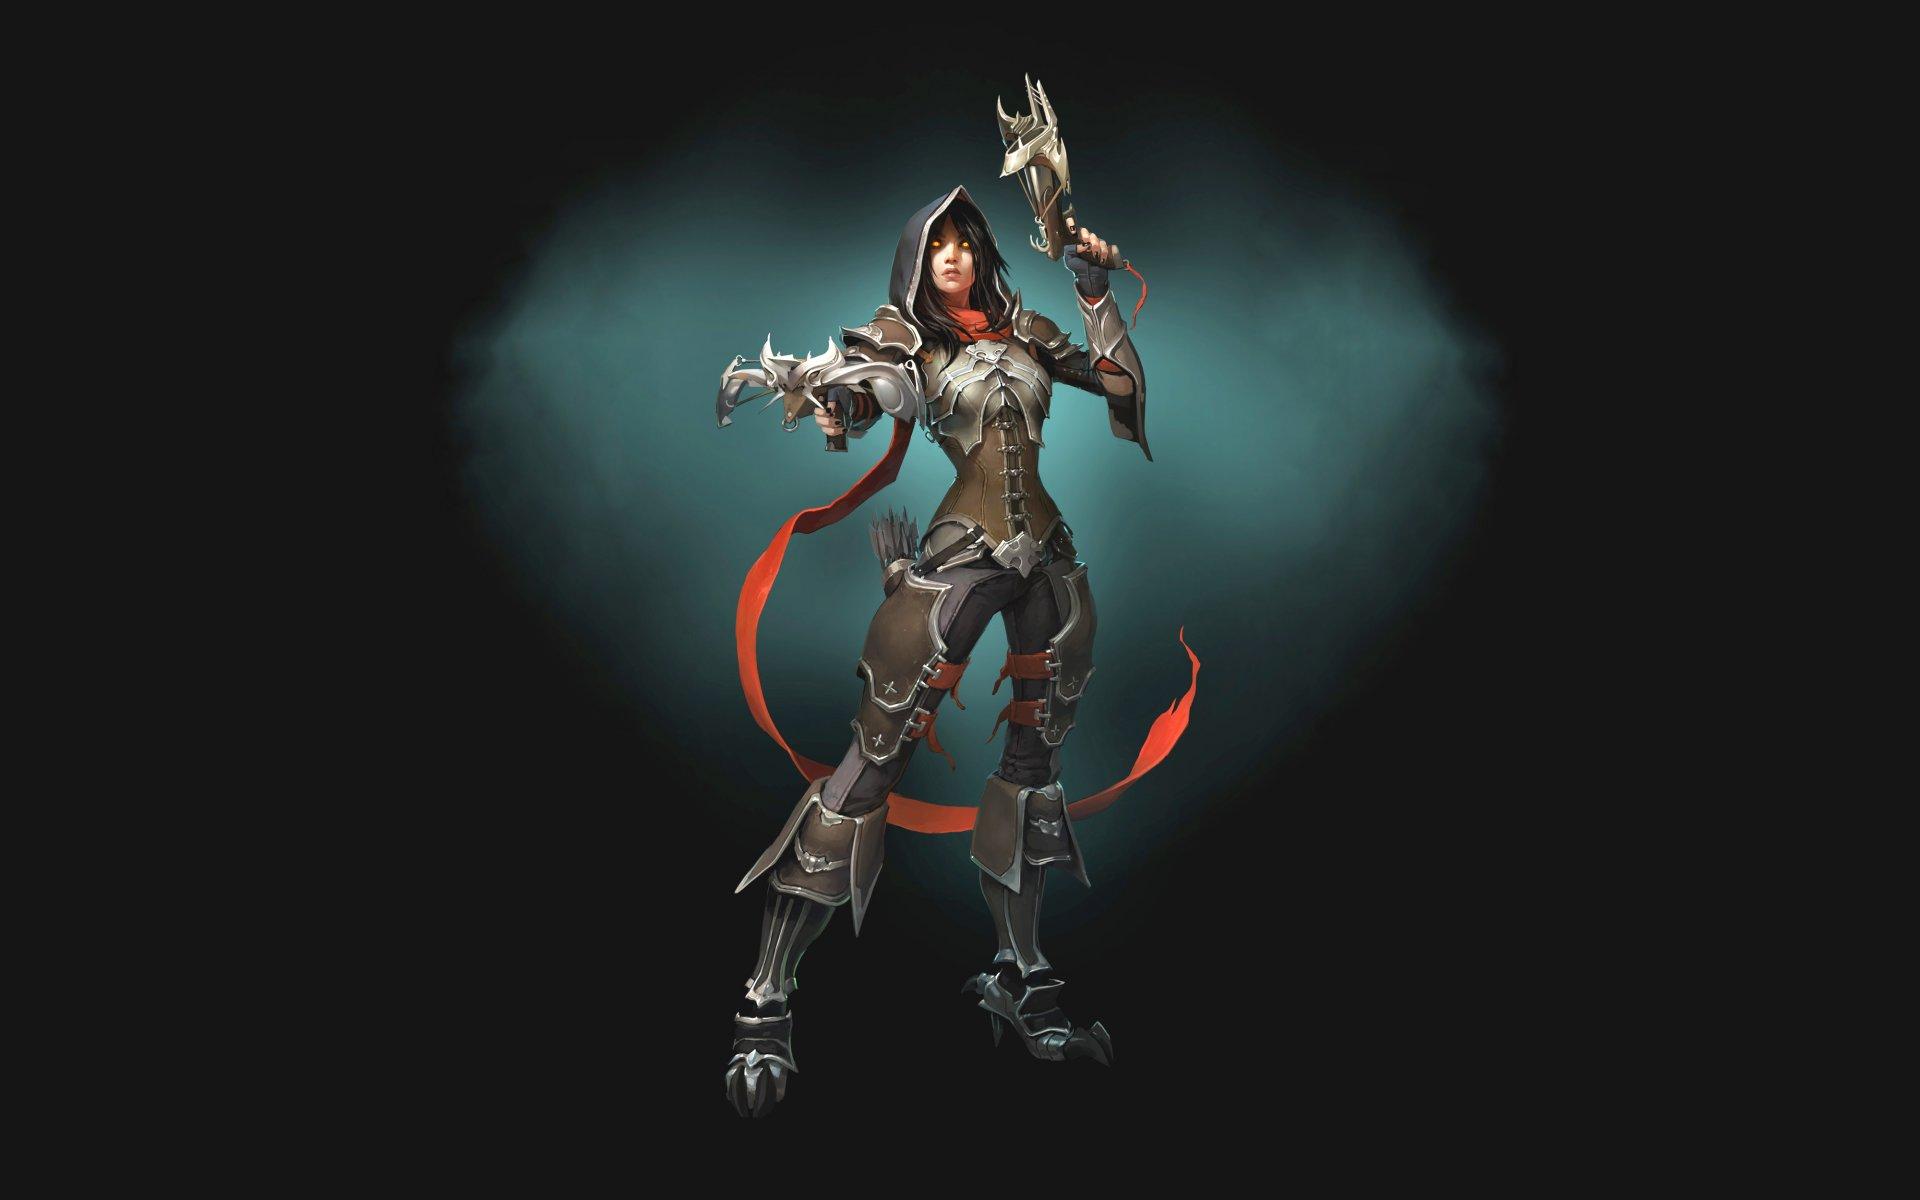 Обои арбалеты, demon hunter, простой фон, доспехи. Игры foto 6